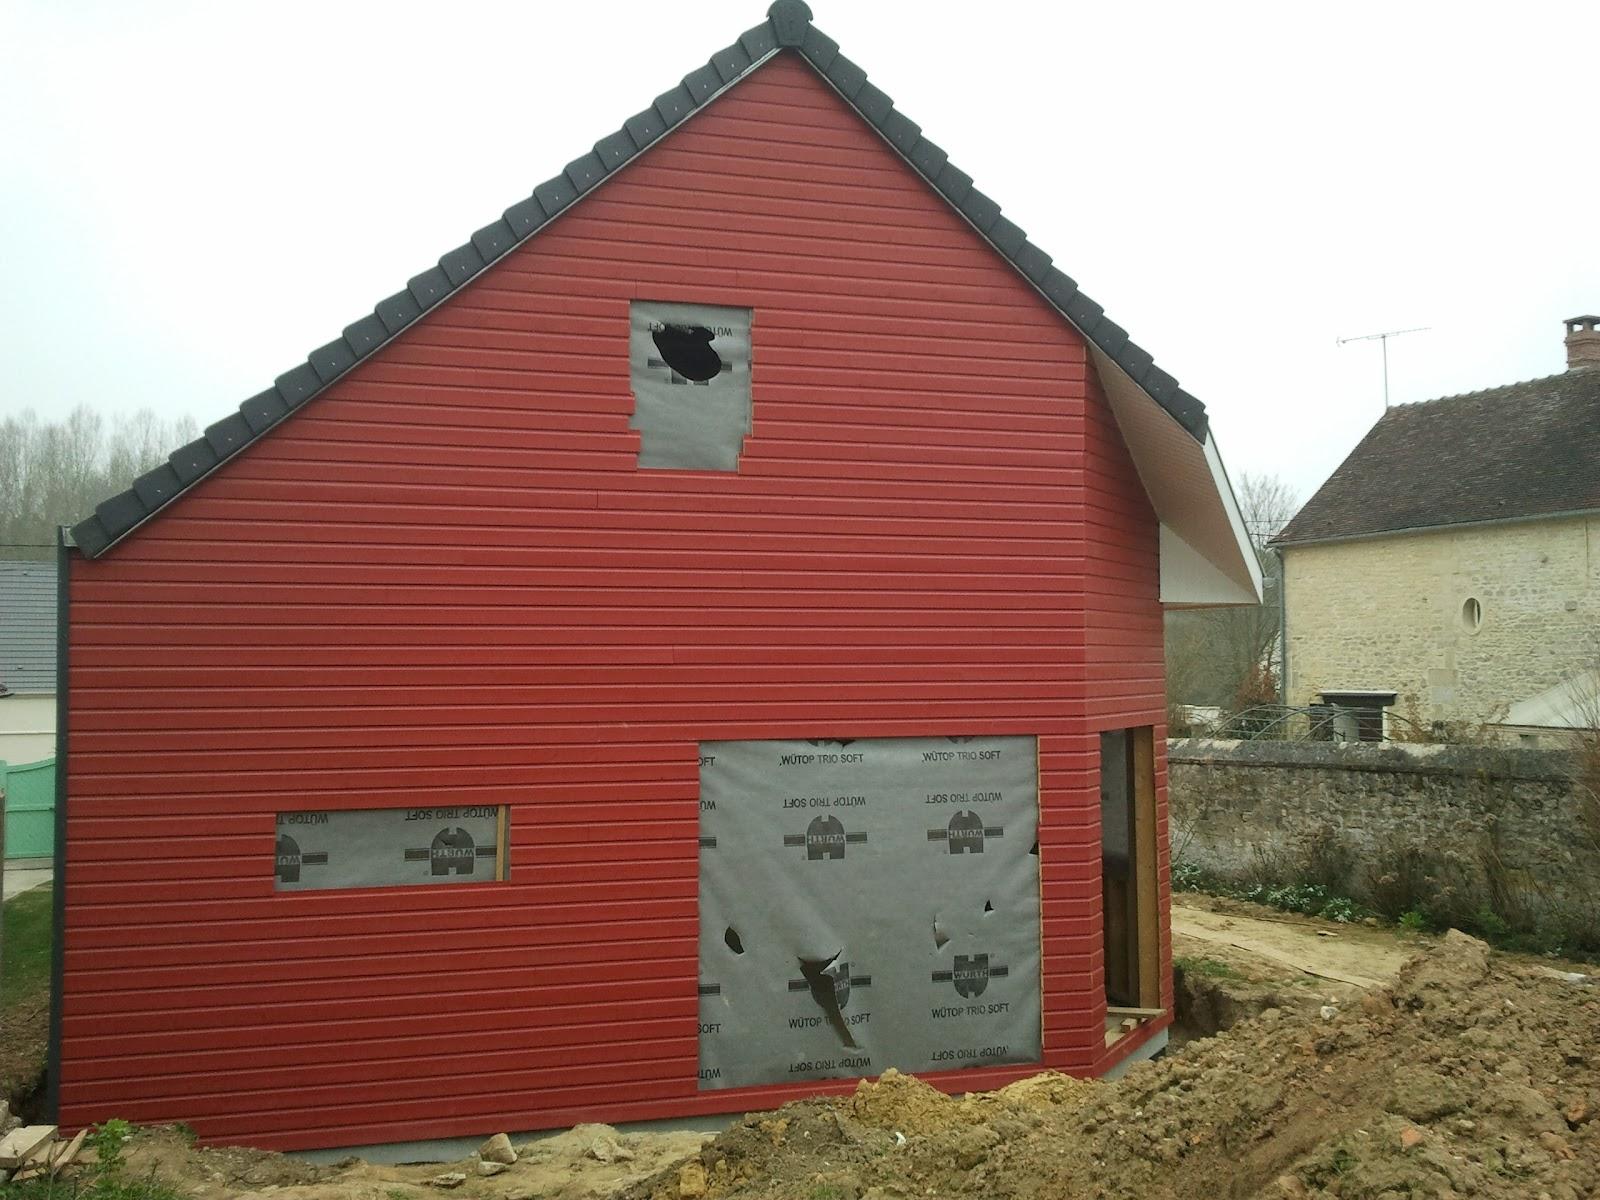 la maison de bois rouge remplacement du clin pvc par du clin en vrais bois. Black Bedroom Furniture Sets. Home Design Ideas